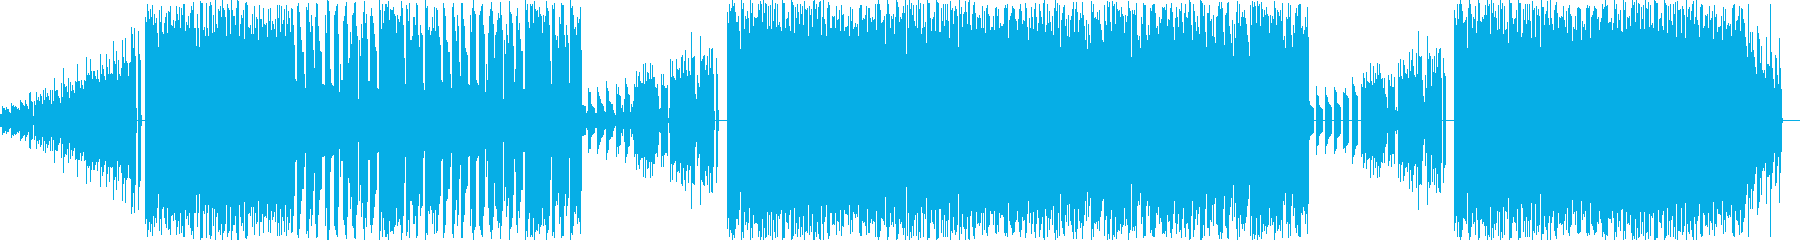 NES ファミコン ゲーム ダンスビートの再生済みの波形